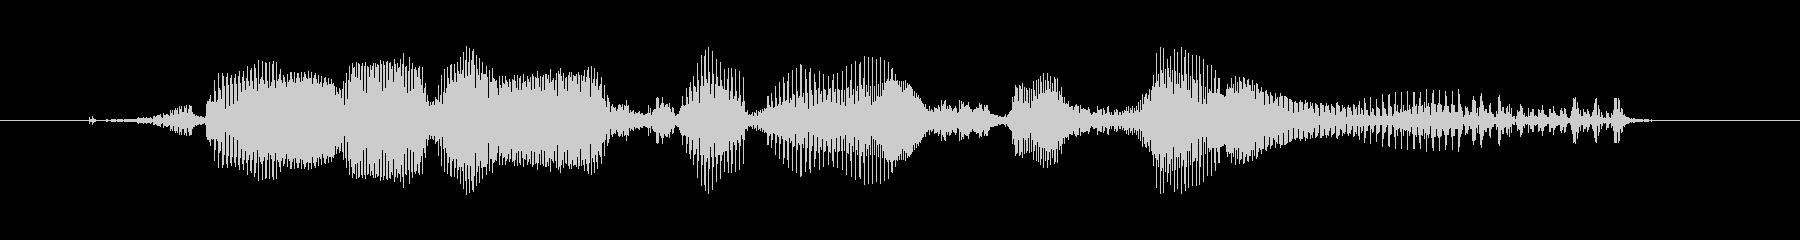 ポリメラーゼ連鎖反応-PCRの未再生の波形